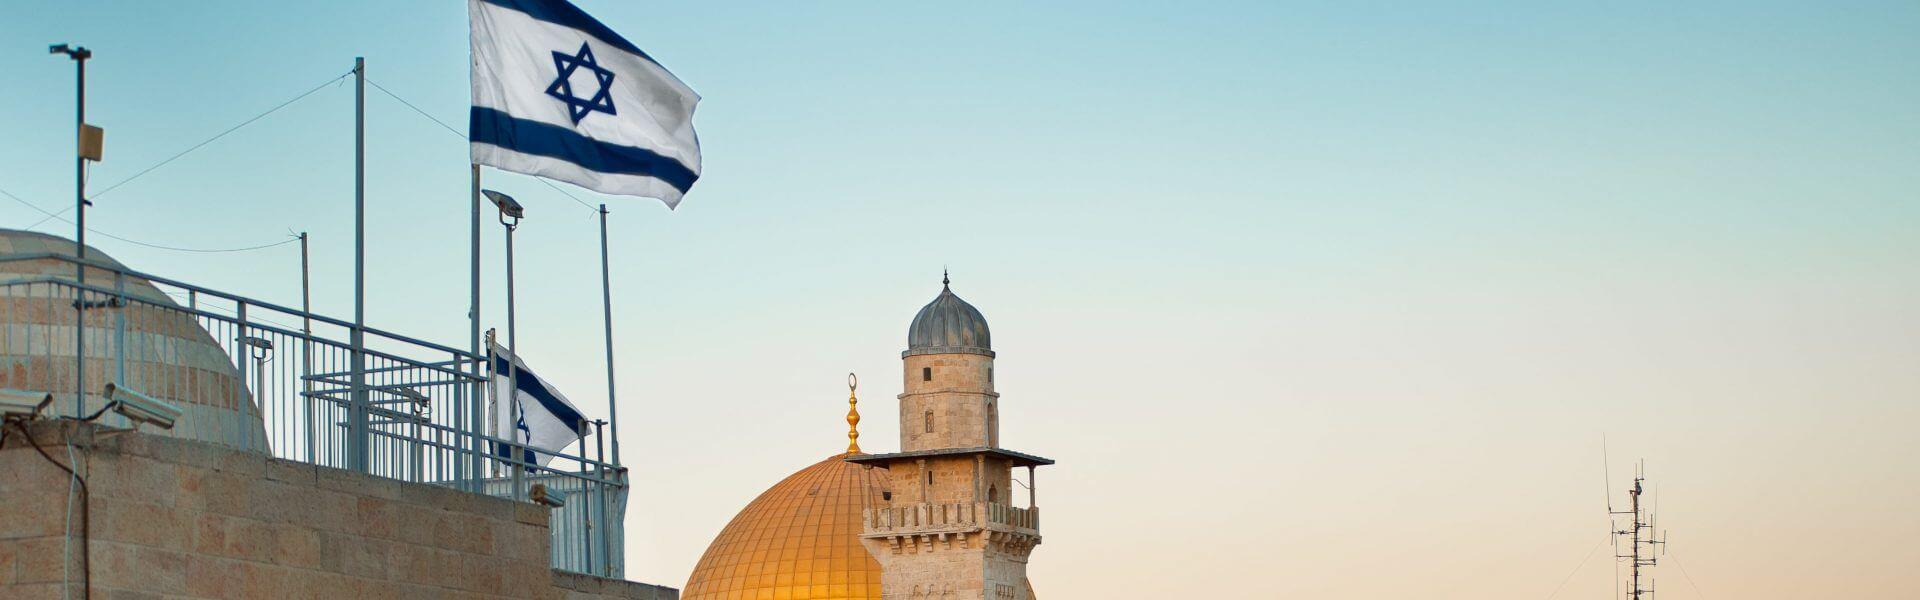 דגל ישראל על רקע מגדל דוד וכיפת הסלע. תמונה ראשית: Bigstock